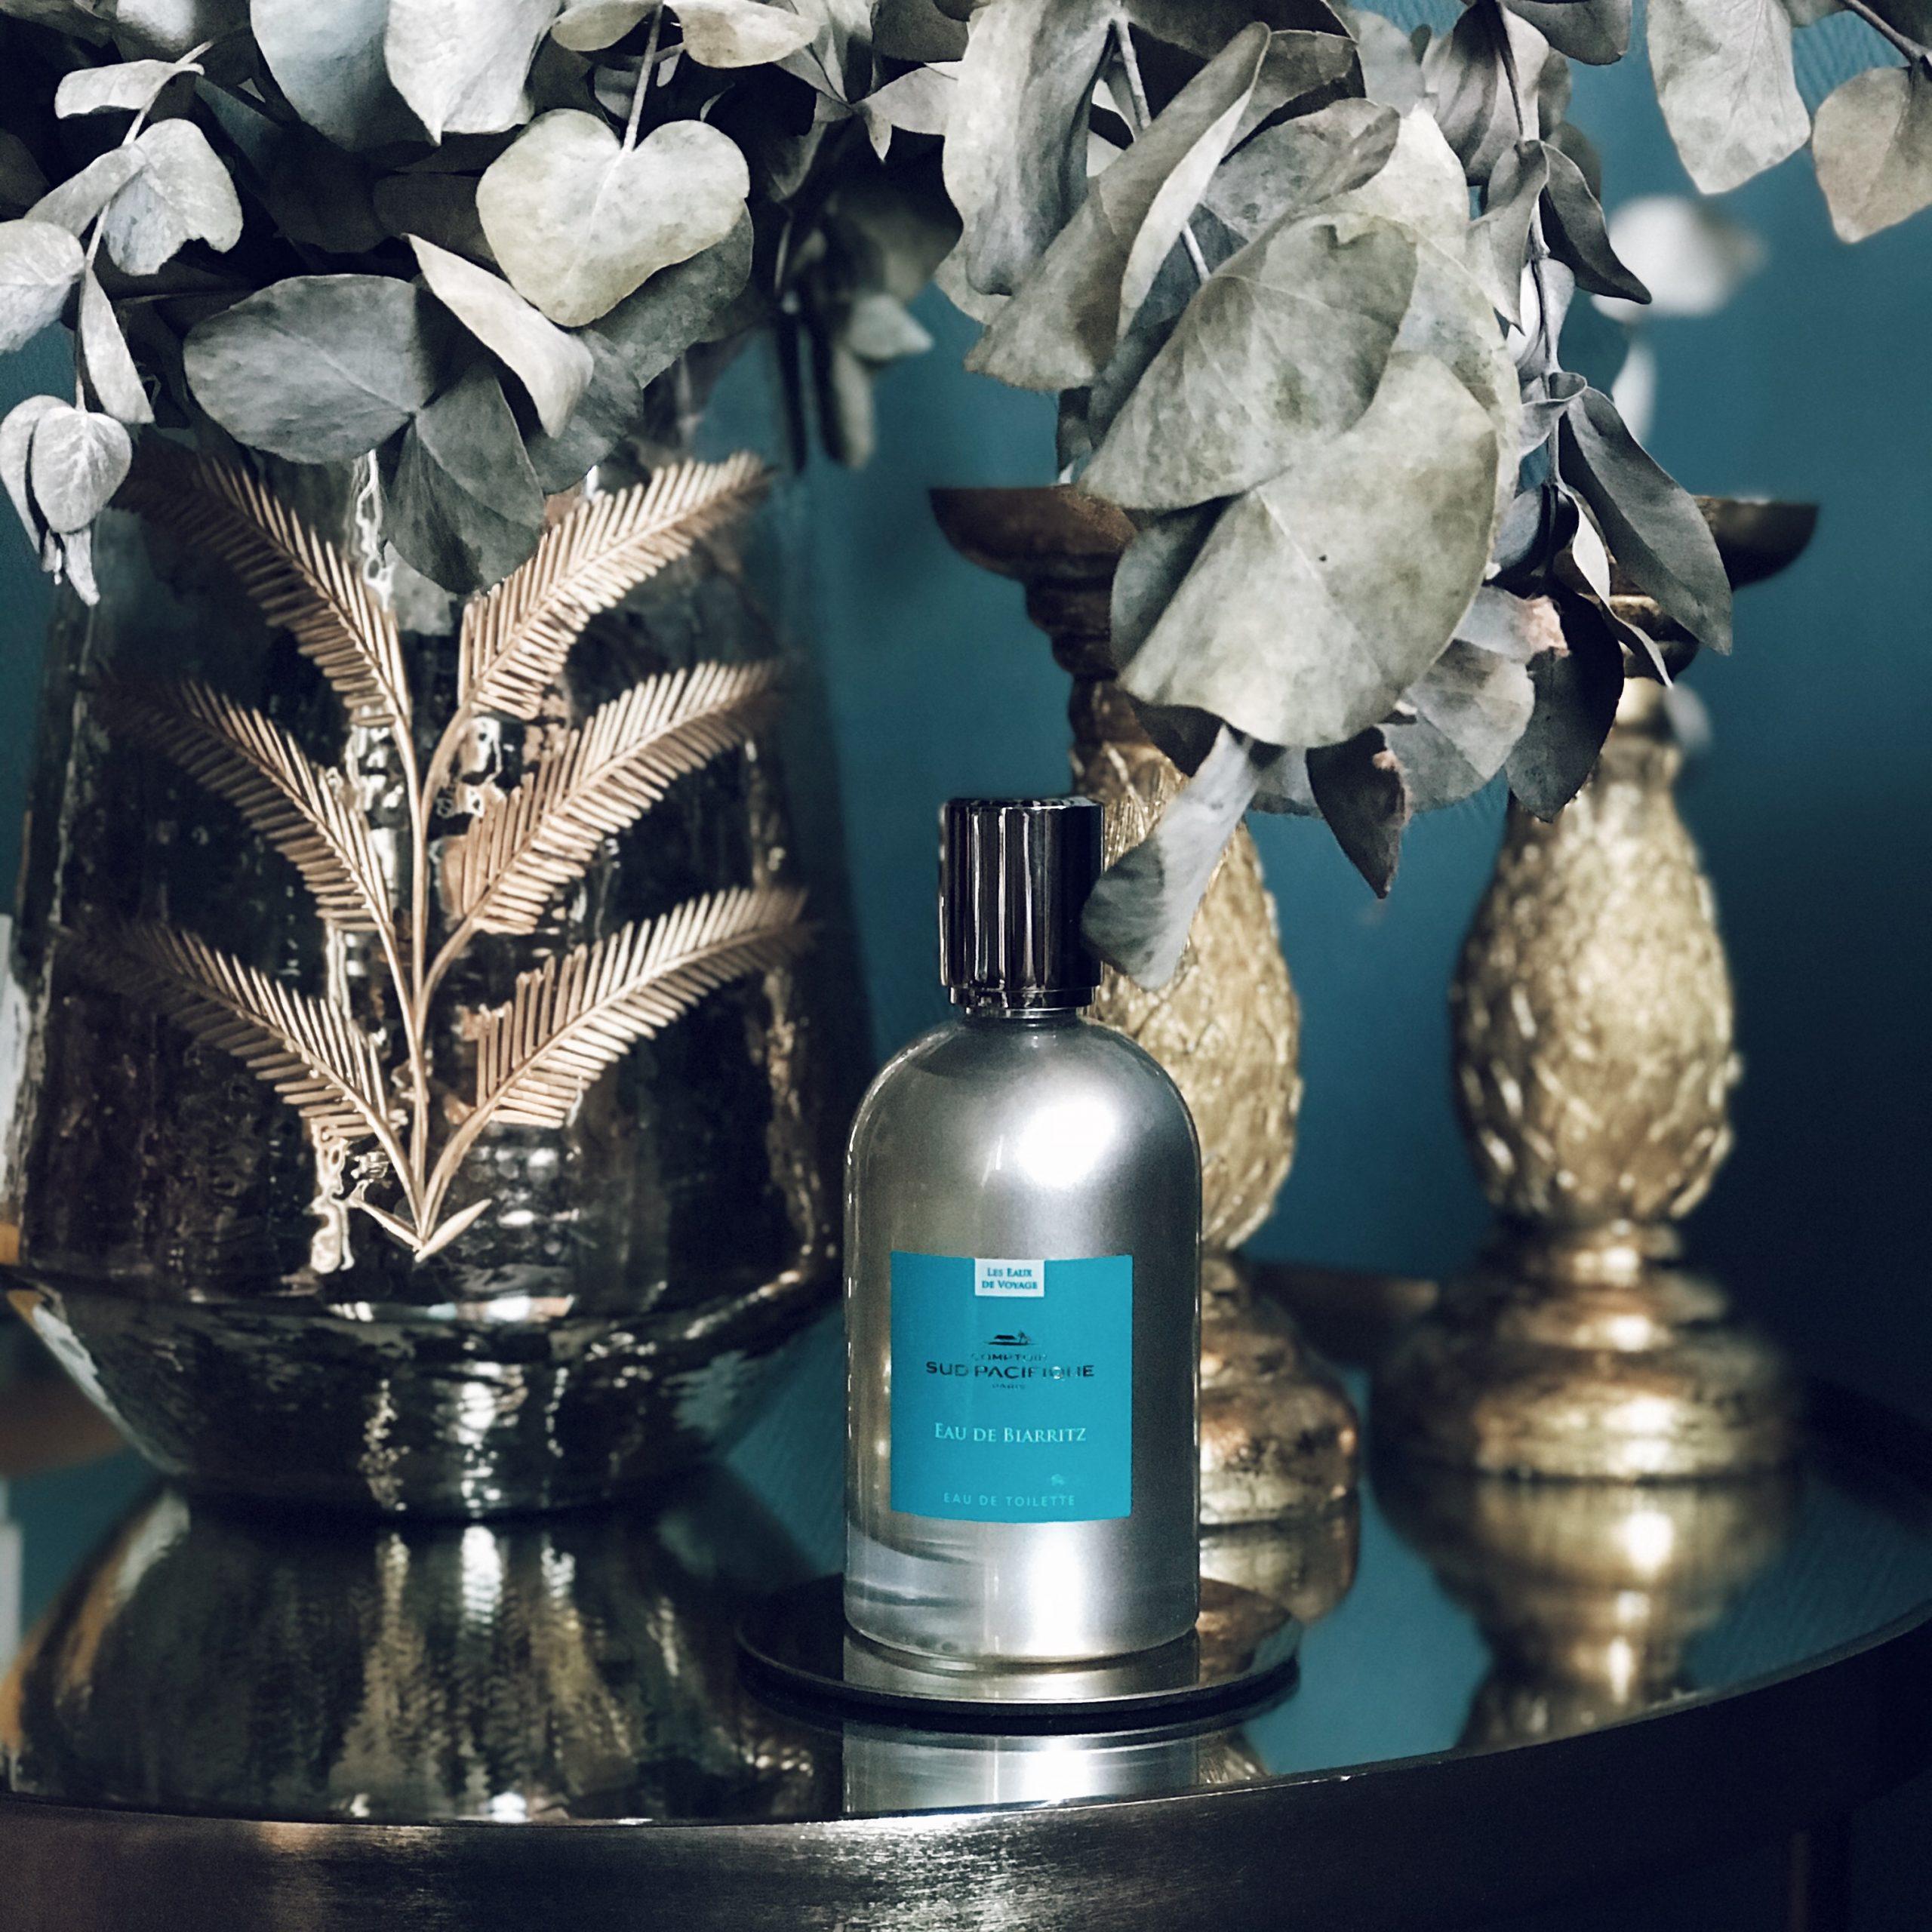 Séléction Parfums de Niche: Mizensir, l'Envers du ParadisComptoir Sud Pacifique - Eau de Biarritz